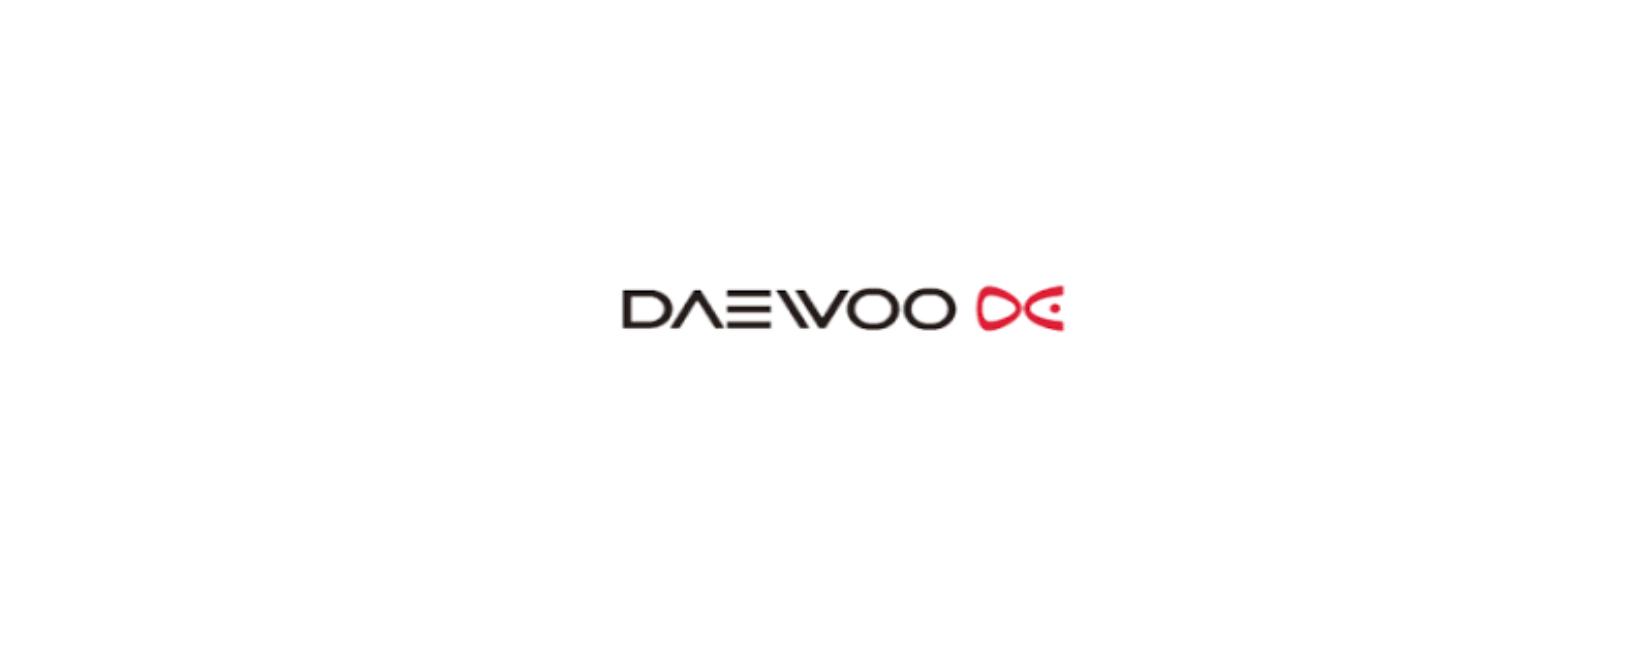 Daewoo Electricals UK Discount Code 2021